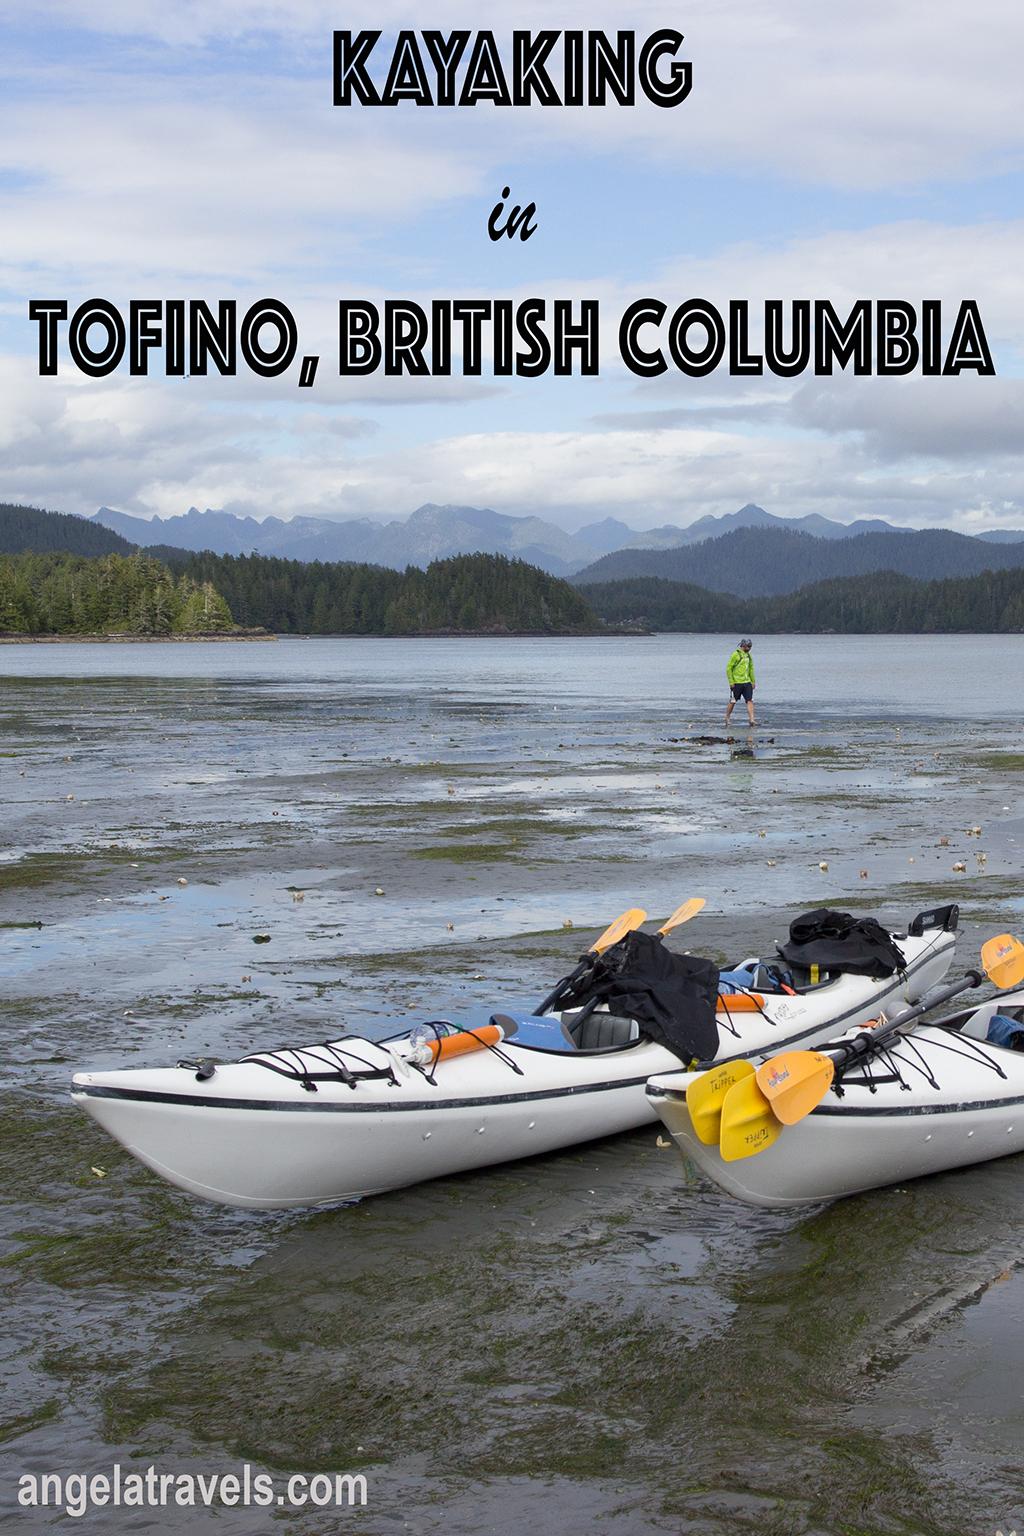 Kayaking in Tofino, British Columbia